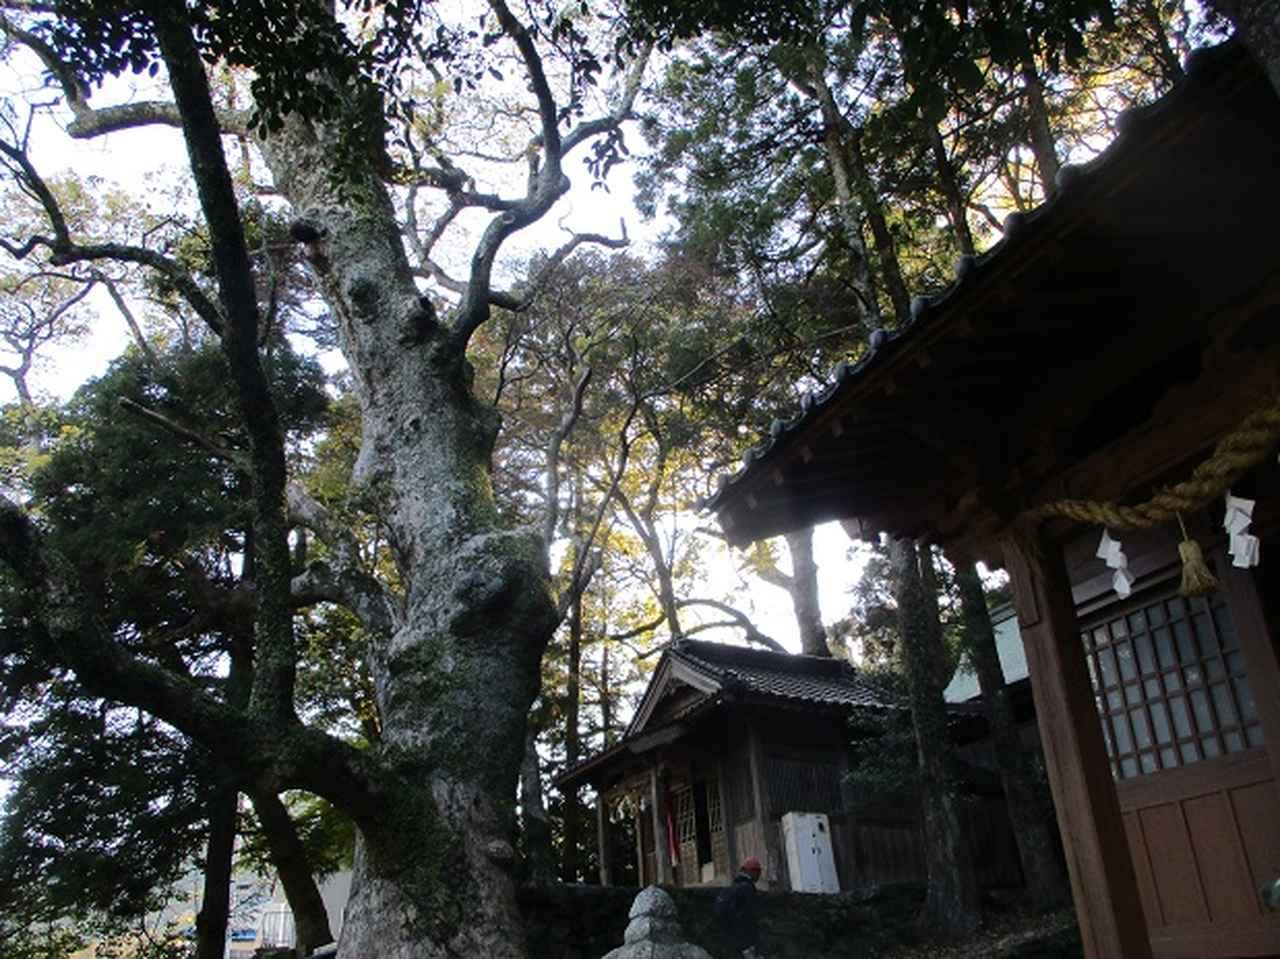 画像12: 【山旅会・登山ガイドこだわりツアー】添乗員からの便り・対馬の御岳へいってきました!